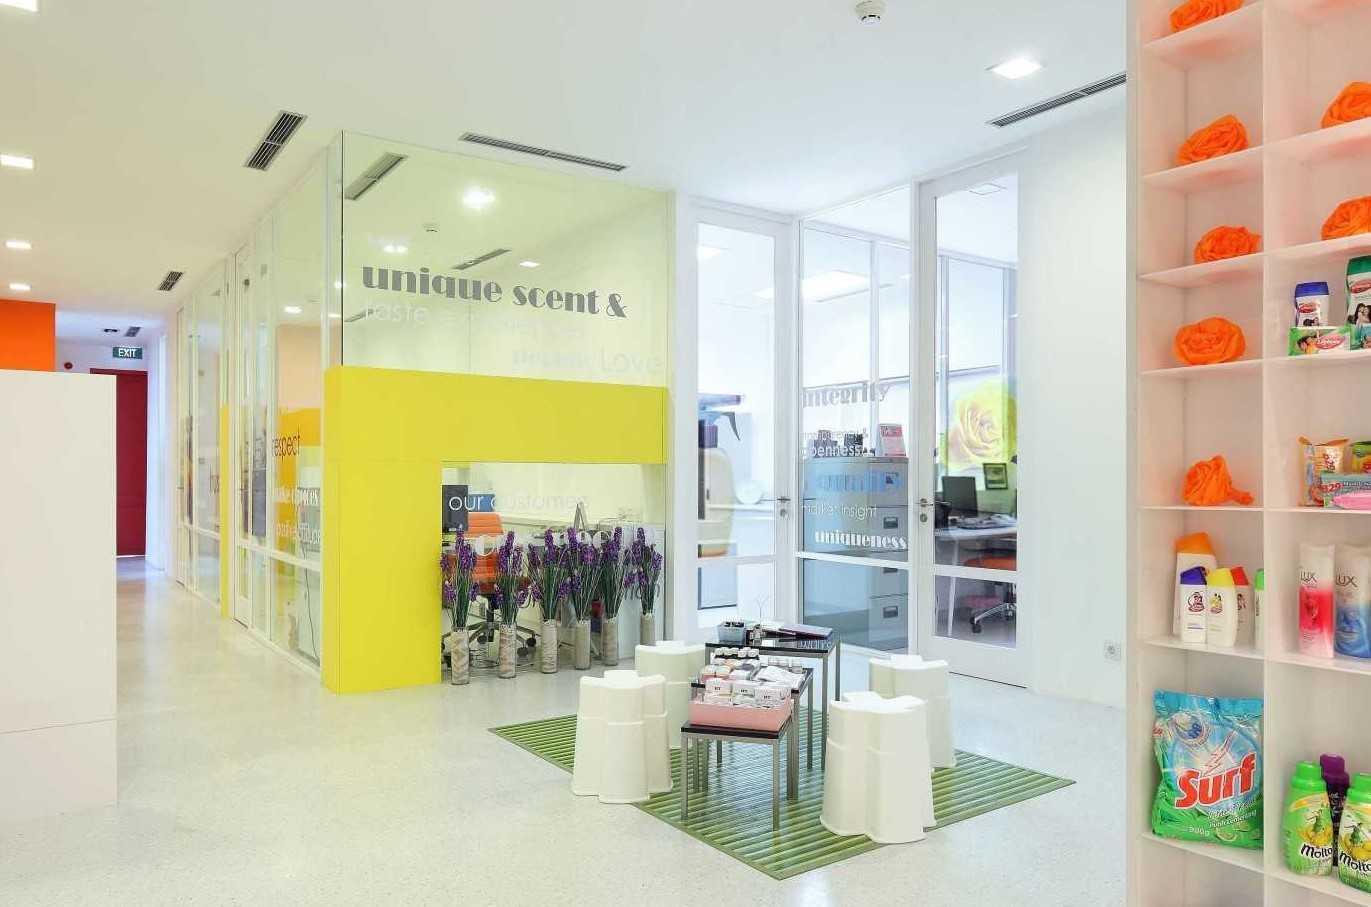 Foto inspirasi ide desain display area minimalis 2 oleh Atelier Cosmas Gozali di Arsitag